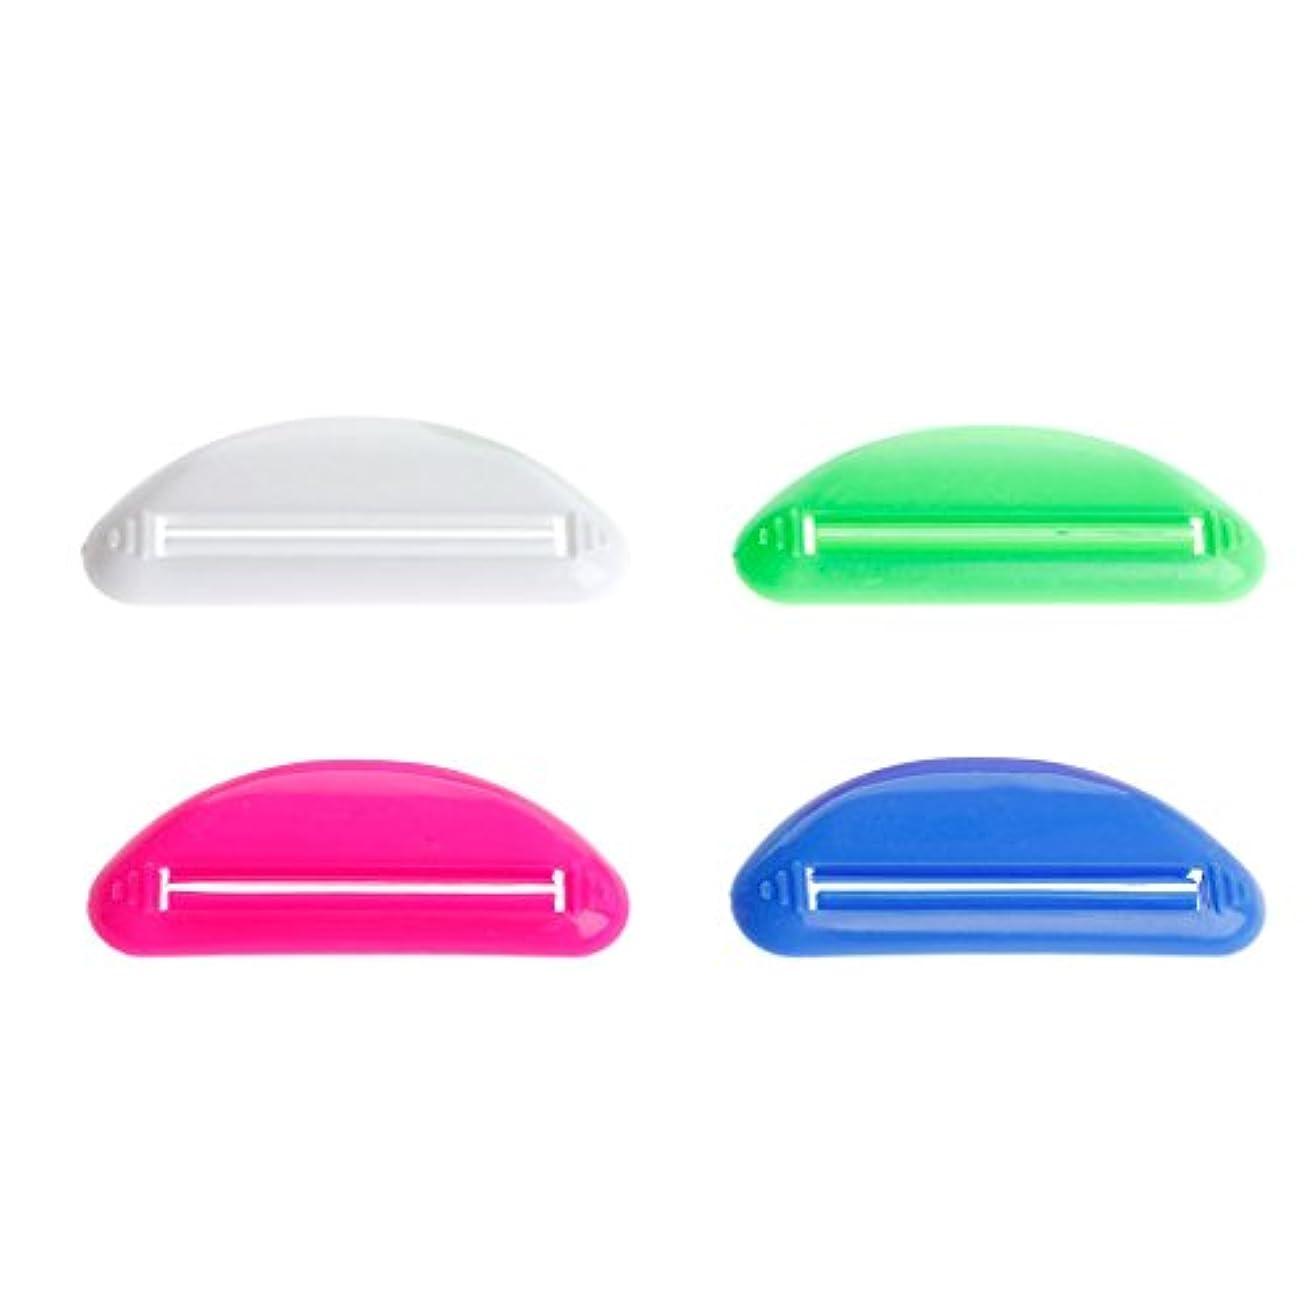 のヒープ初期のしょっぱいLamdooプラスチックチューブスクイーザー歯磨き粉ディスペンサーホルダーローリング浴室ツールポータブルランダム配信